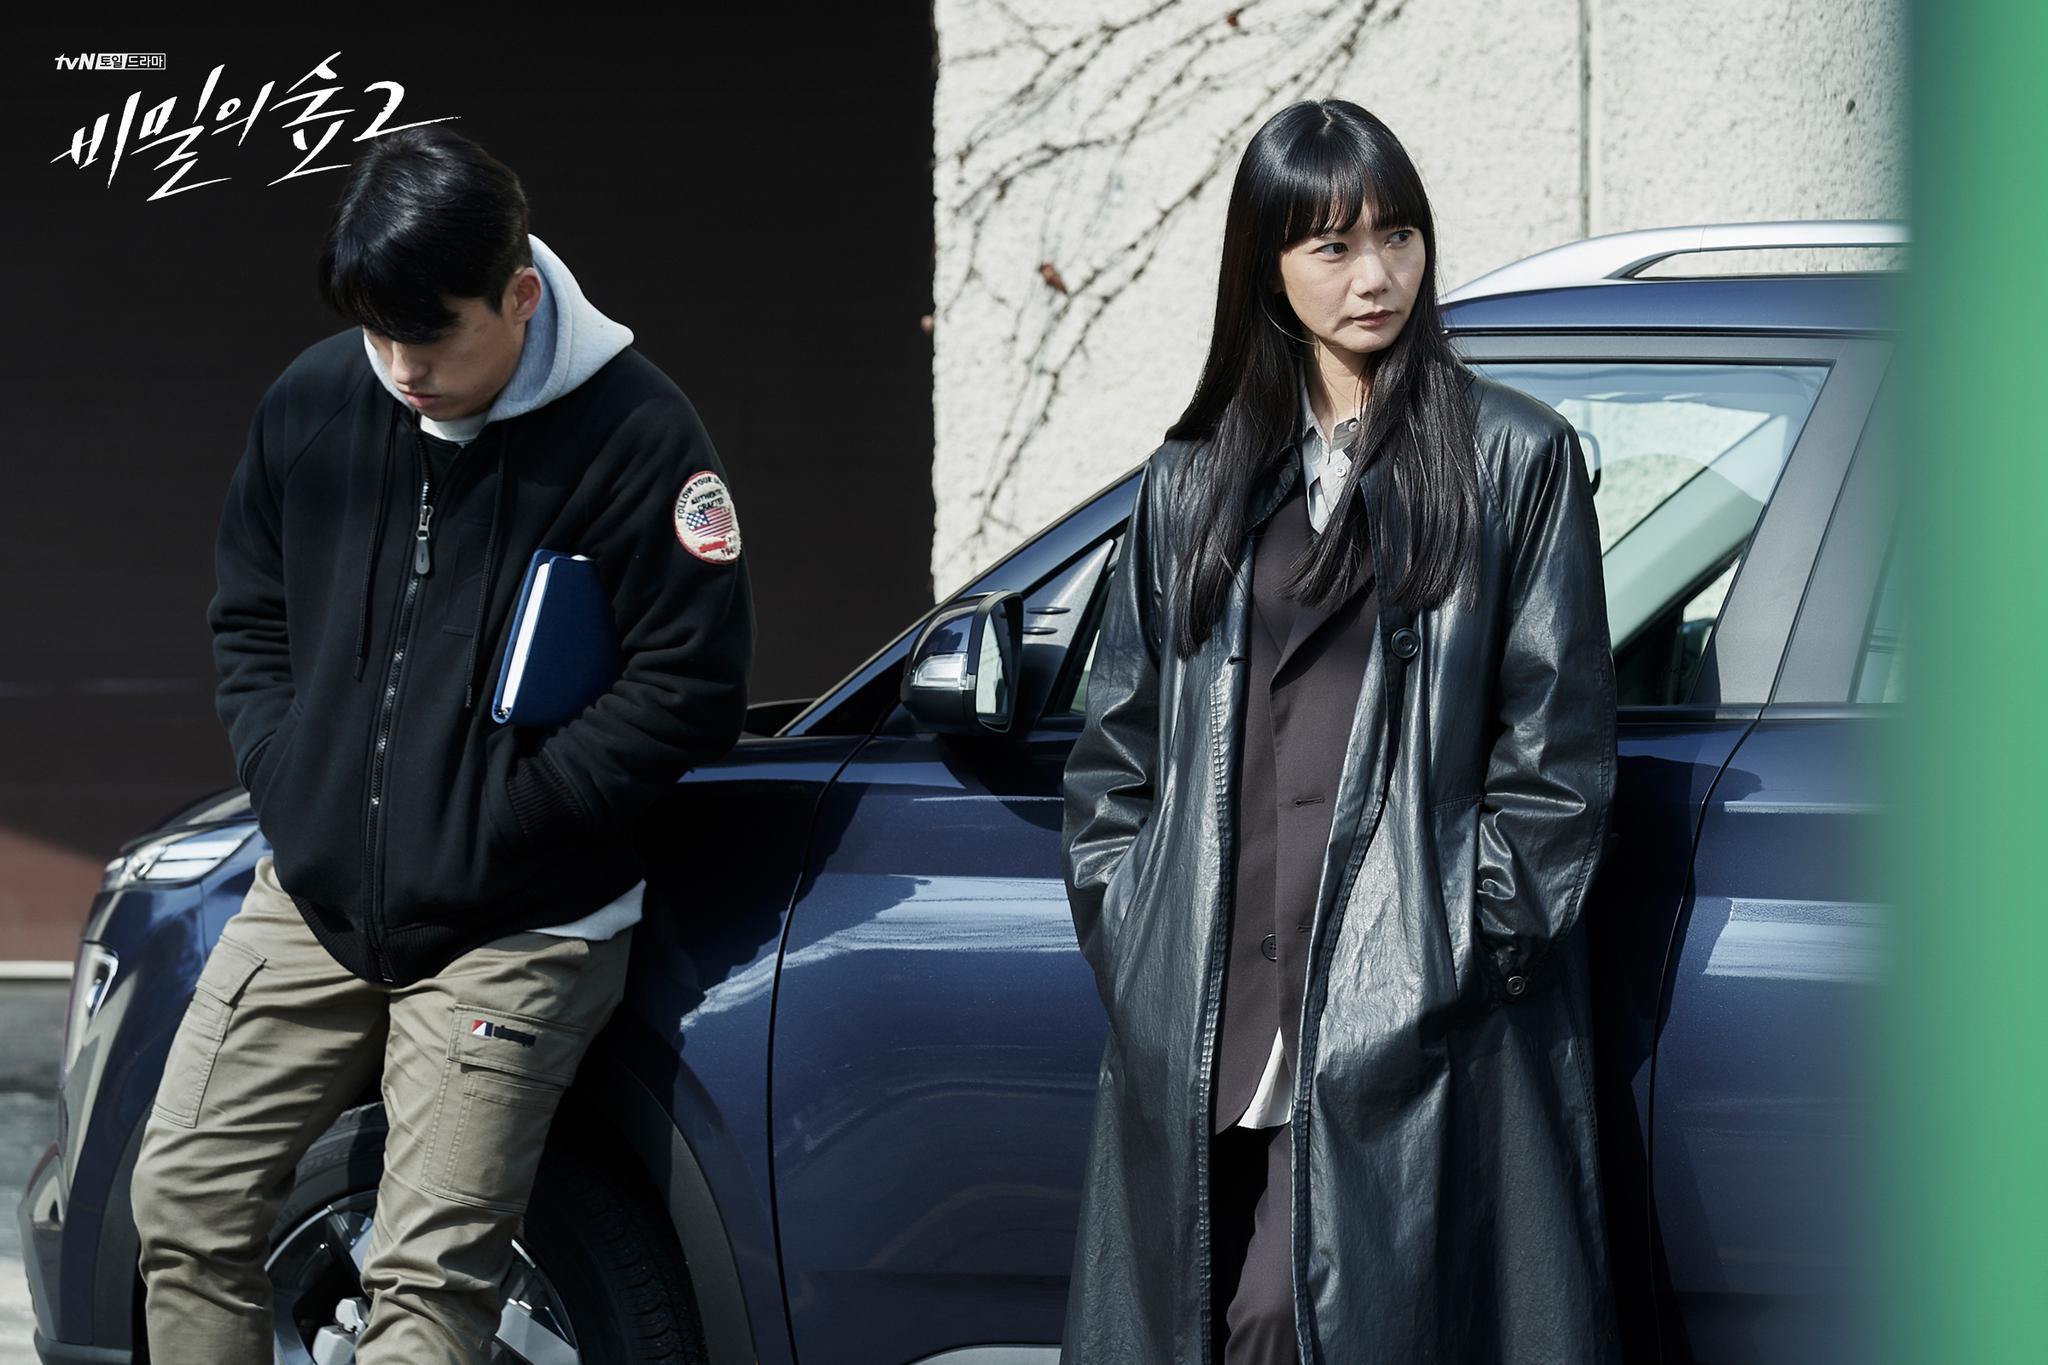 '비밀의 숲' 시즌 2에서 르메르 트렌치 코트를 착용한 배두나